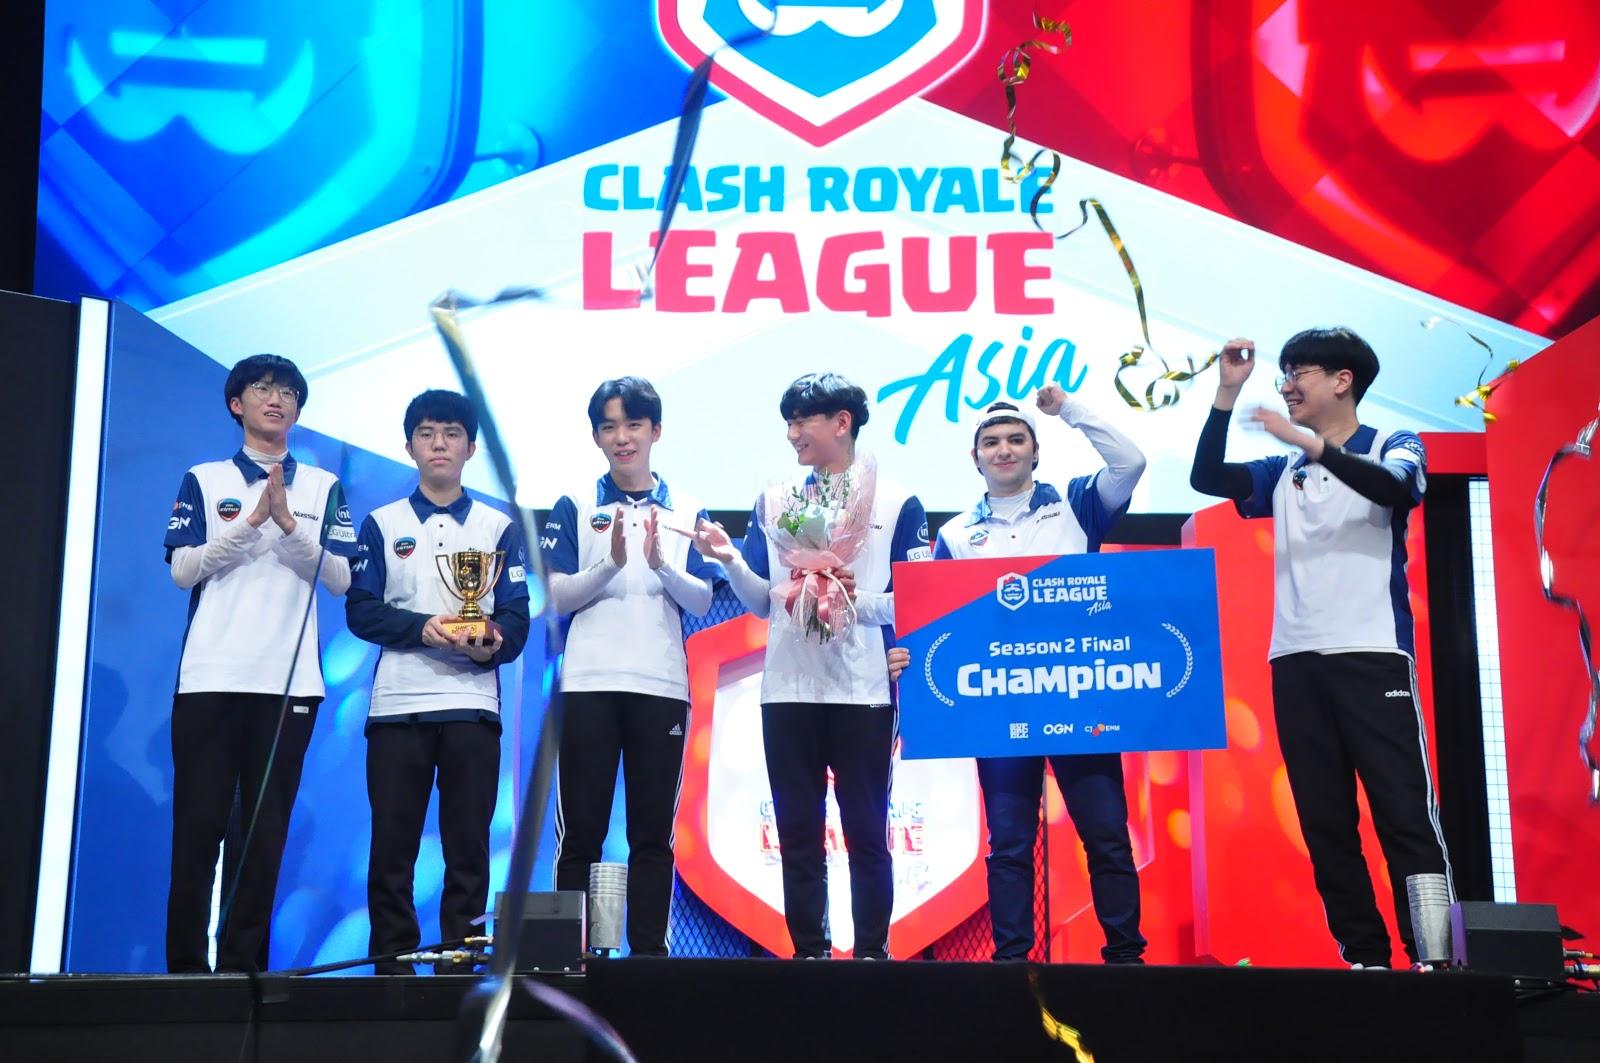 Clash Royale League World Finals